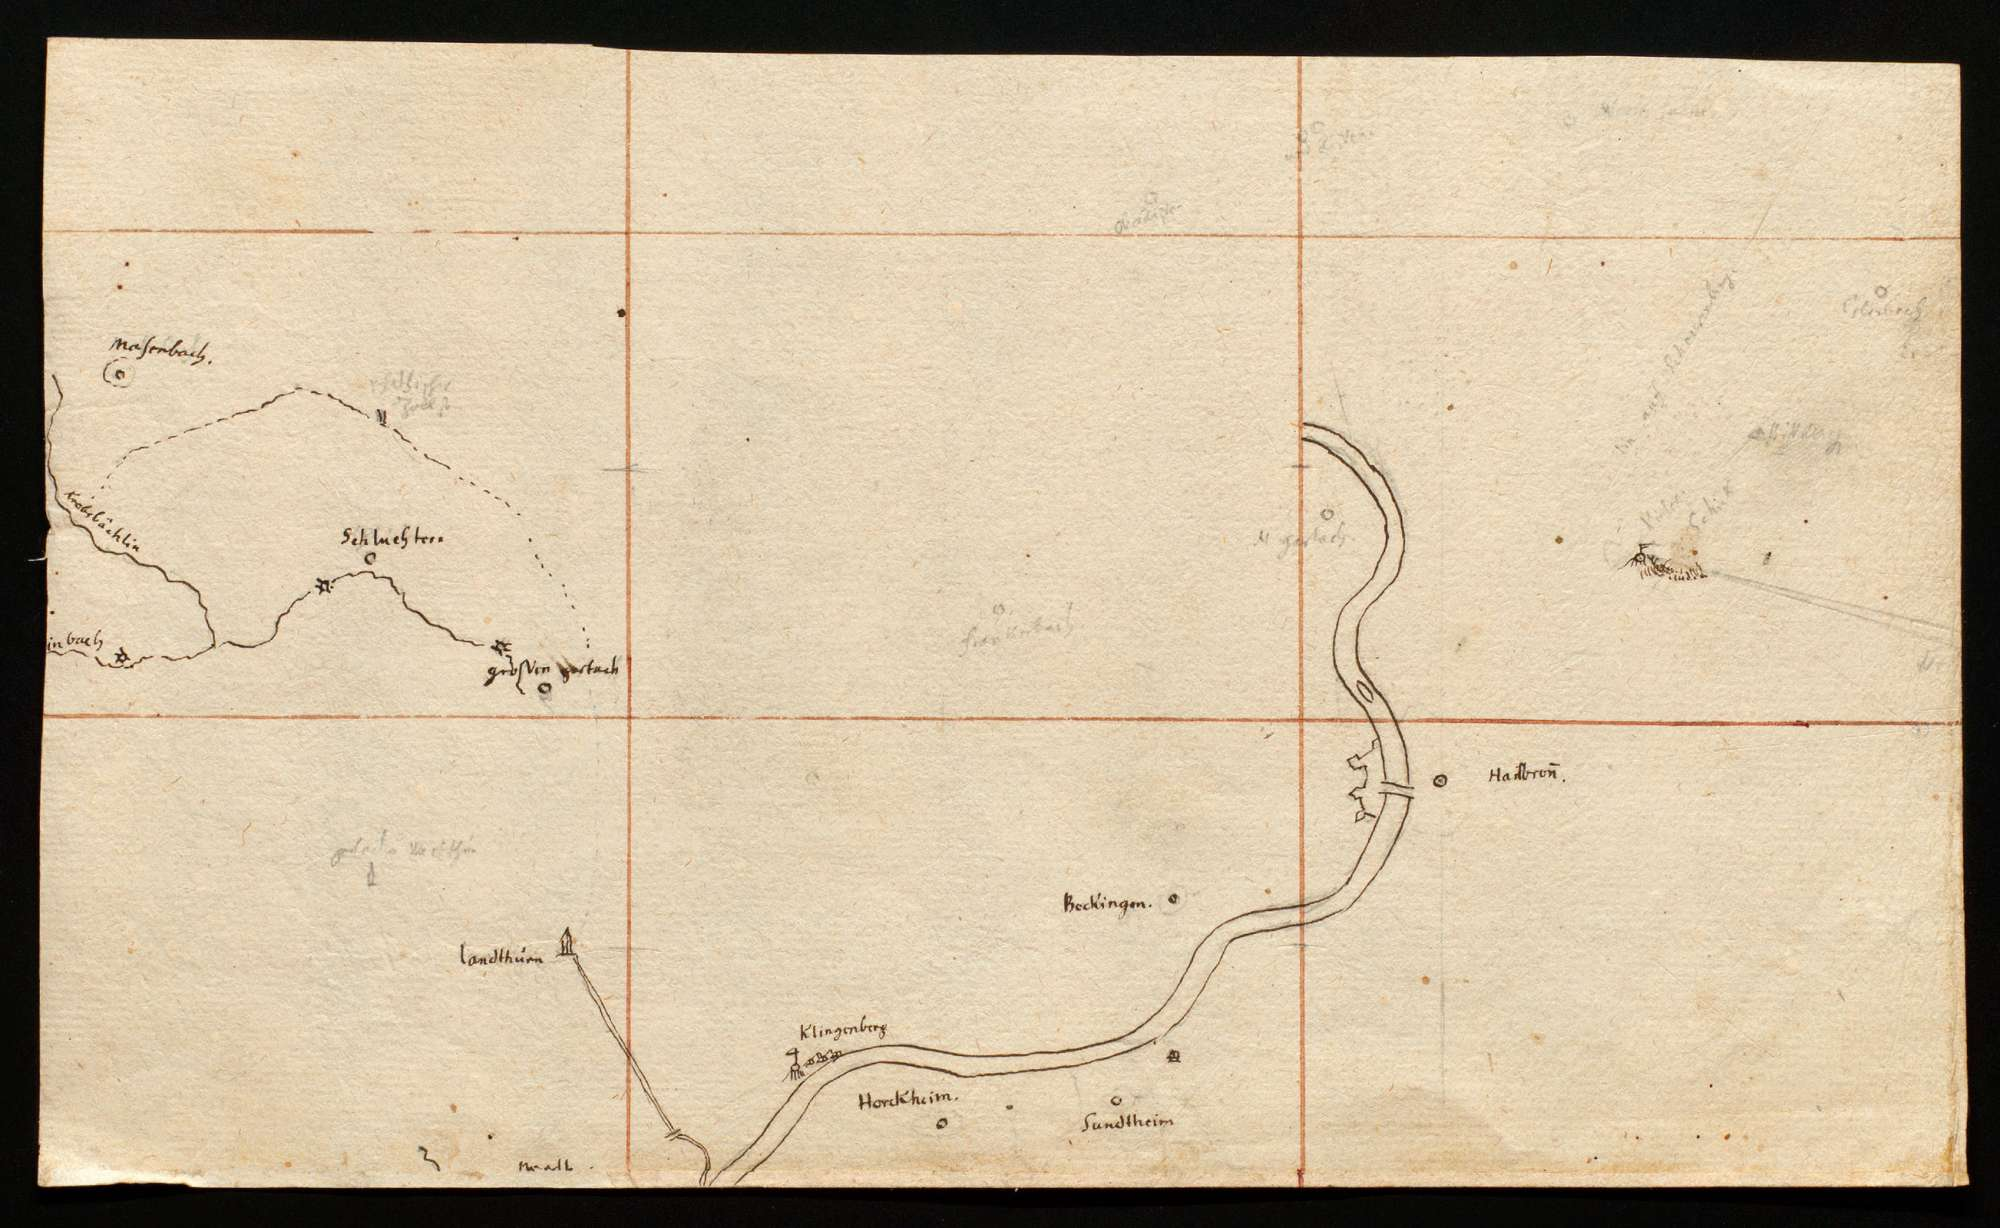 [Karte des Gebiets zwischen Neckar und Lein], Bild 1